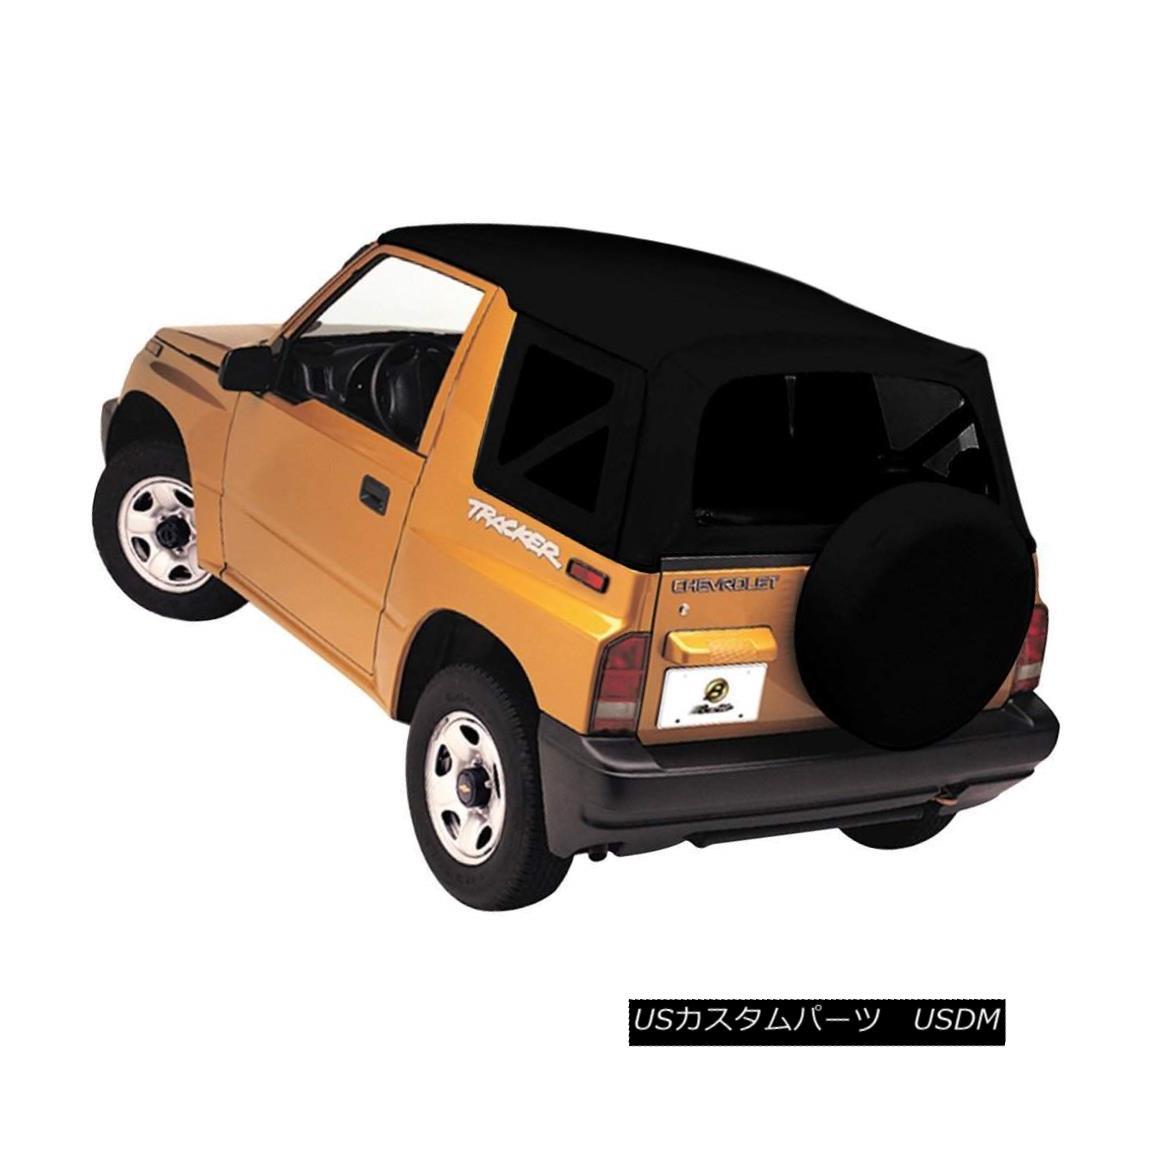 幌・ソフトトップ Bestop New Soft Top Black Suzuki Samurai 1986-1995 Bestop新ソフトトップブラック鈴木侍1986-1995